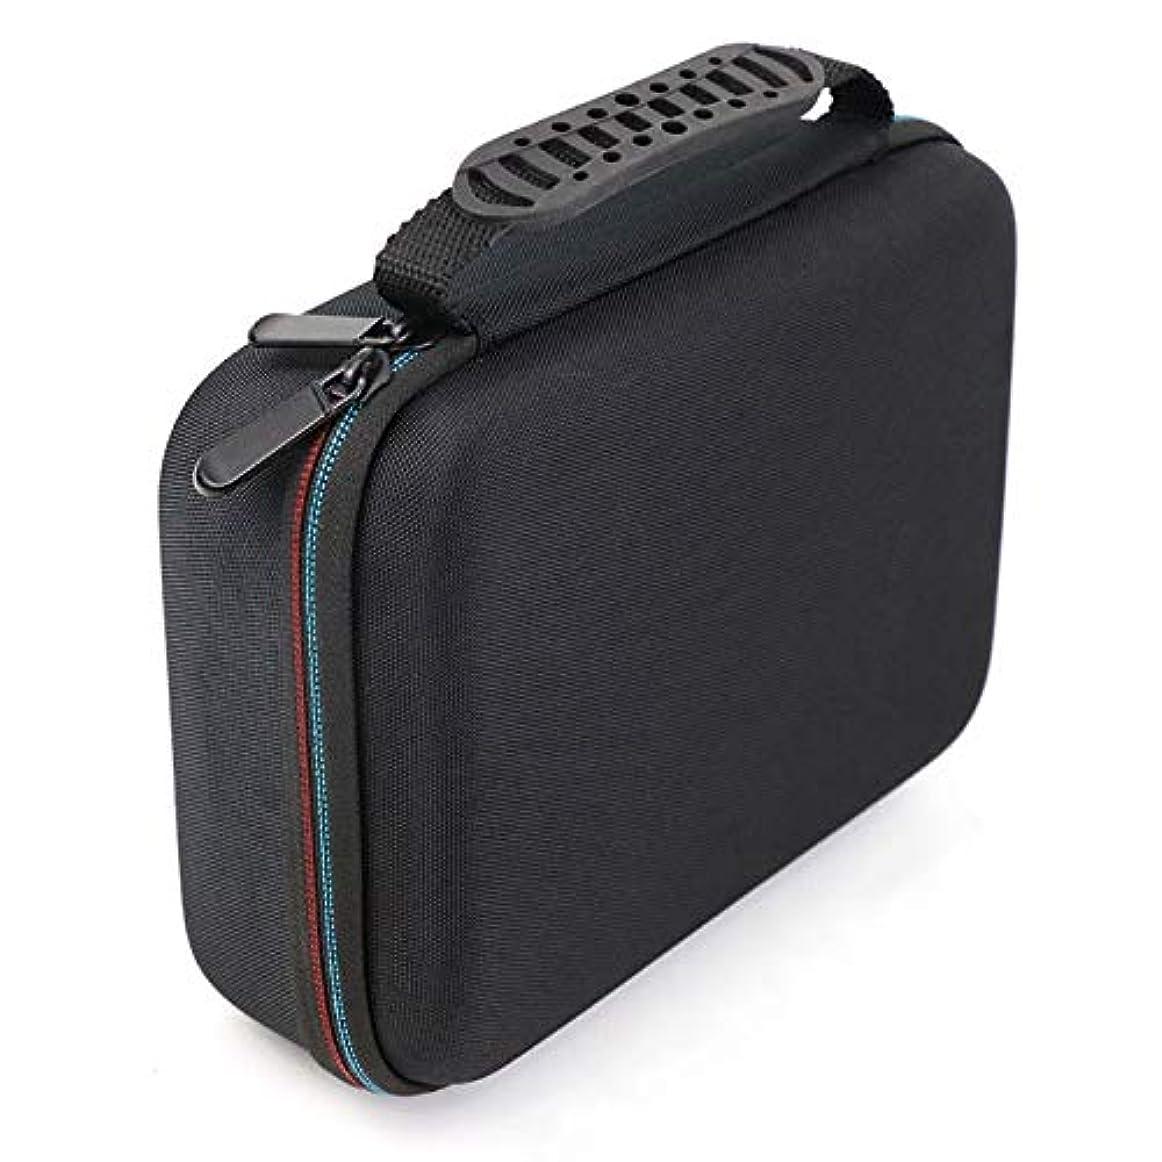 共役容器サラミRETYLY バリカンの収納ケース、携帯用ケース、耐衝撃バッグ、シェーバーのキット、Evaハードケース、収納バッグ、 Mgk3020/3060/3080用